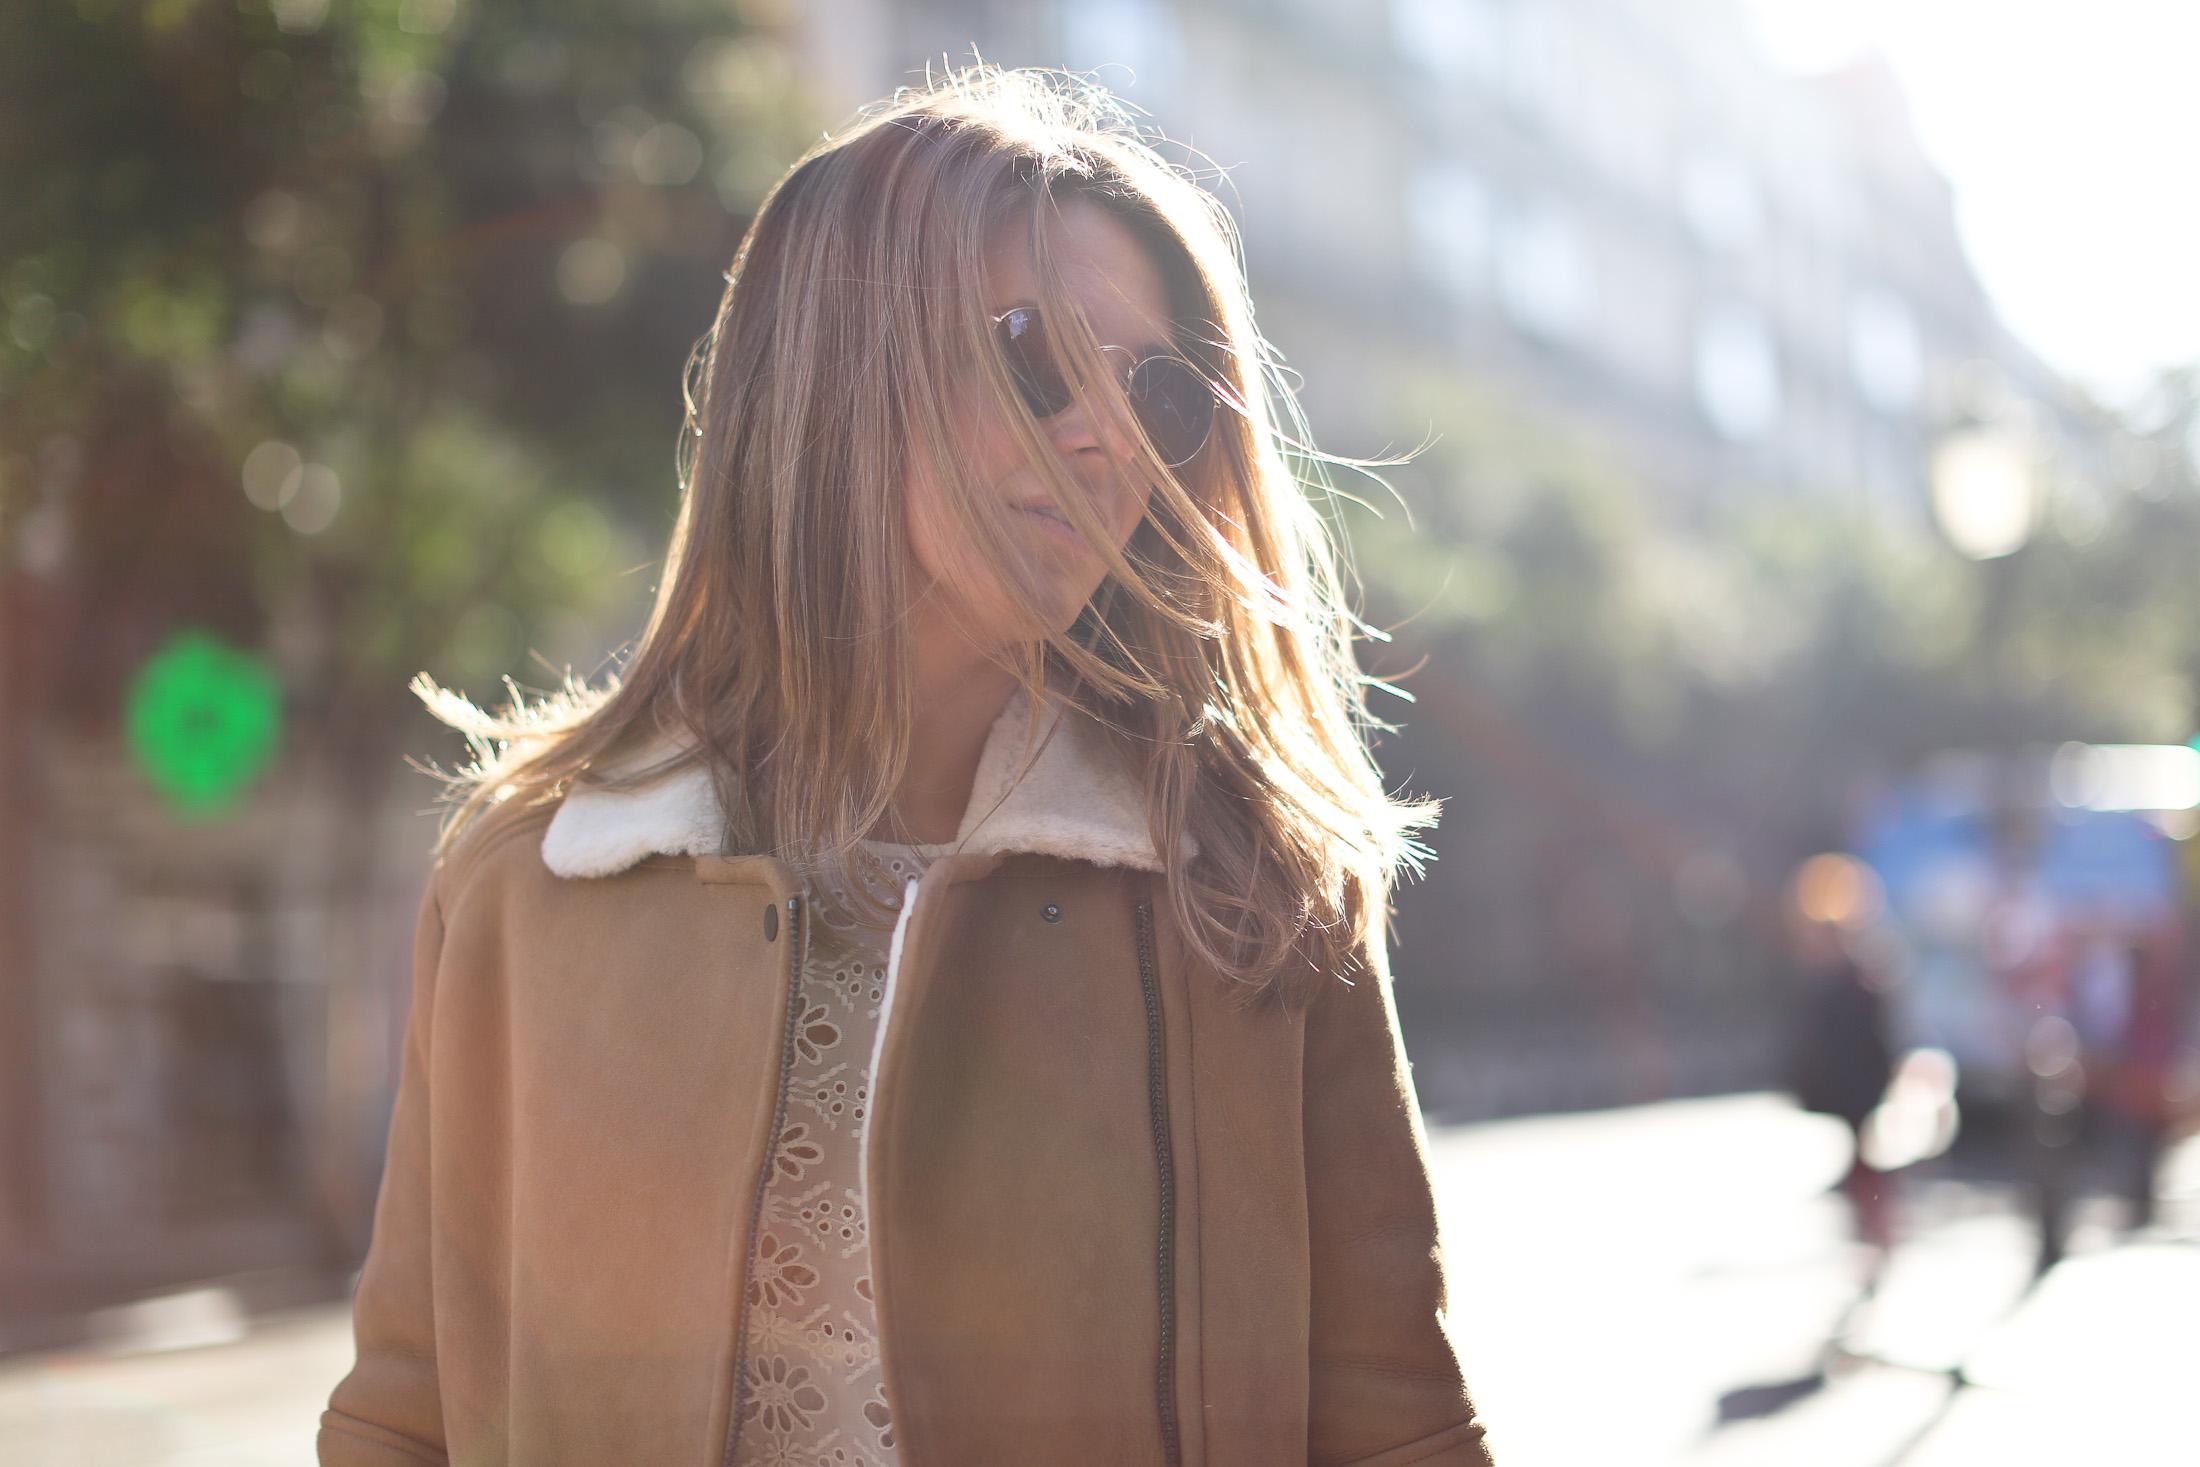 Clochet_streetstyle_mango_shearling_aviator_coat_adidas_samba_leztinstreet-15